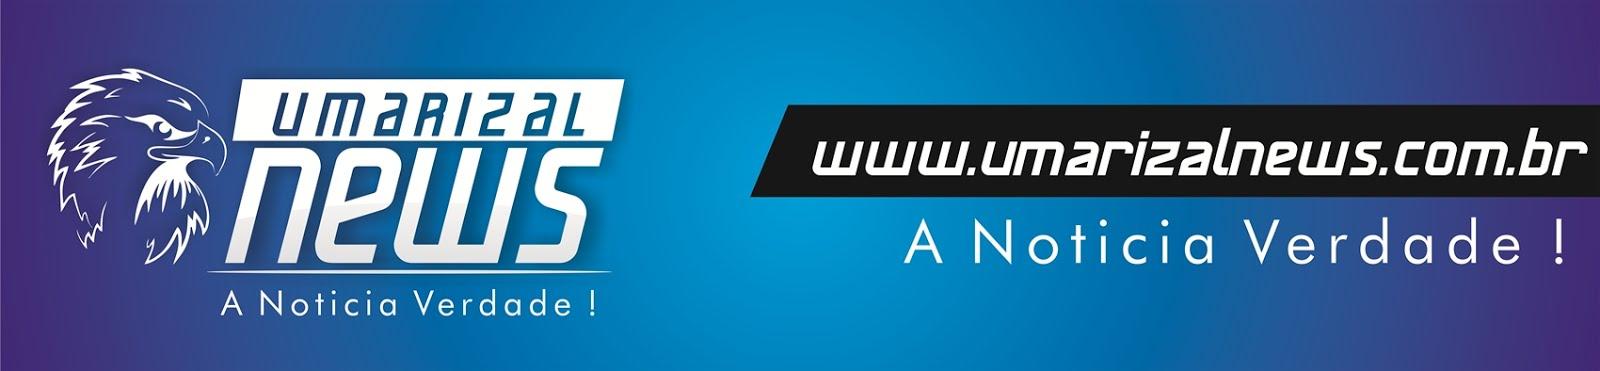 Blog Umarizal News - A Notícia Verdade